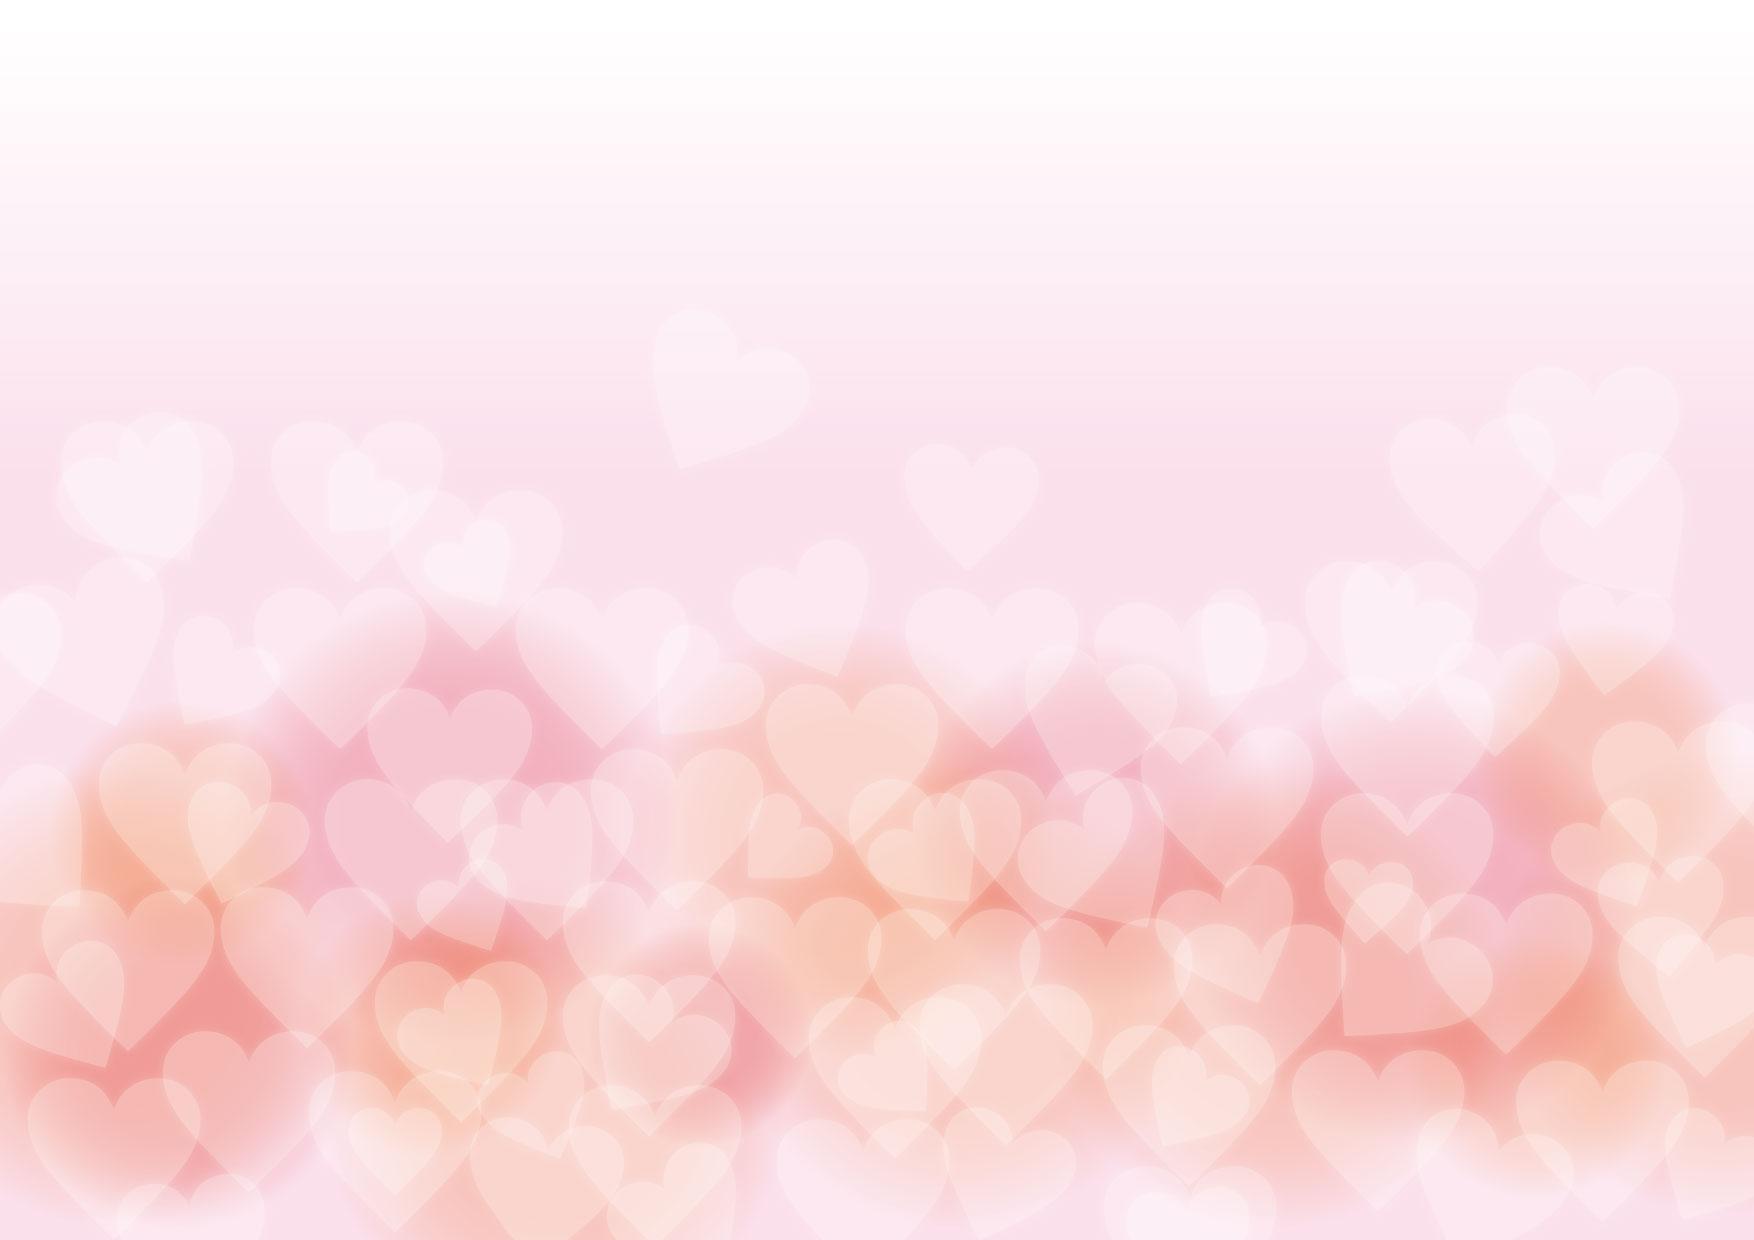 バレンタイン 背景 やわらか ピンク ハート イラスト 無料 | イラスト